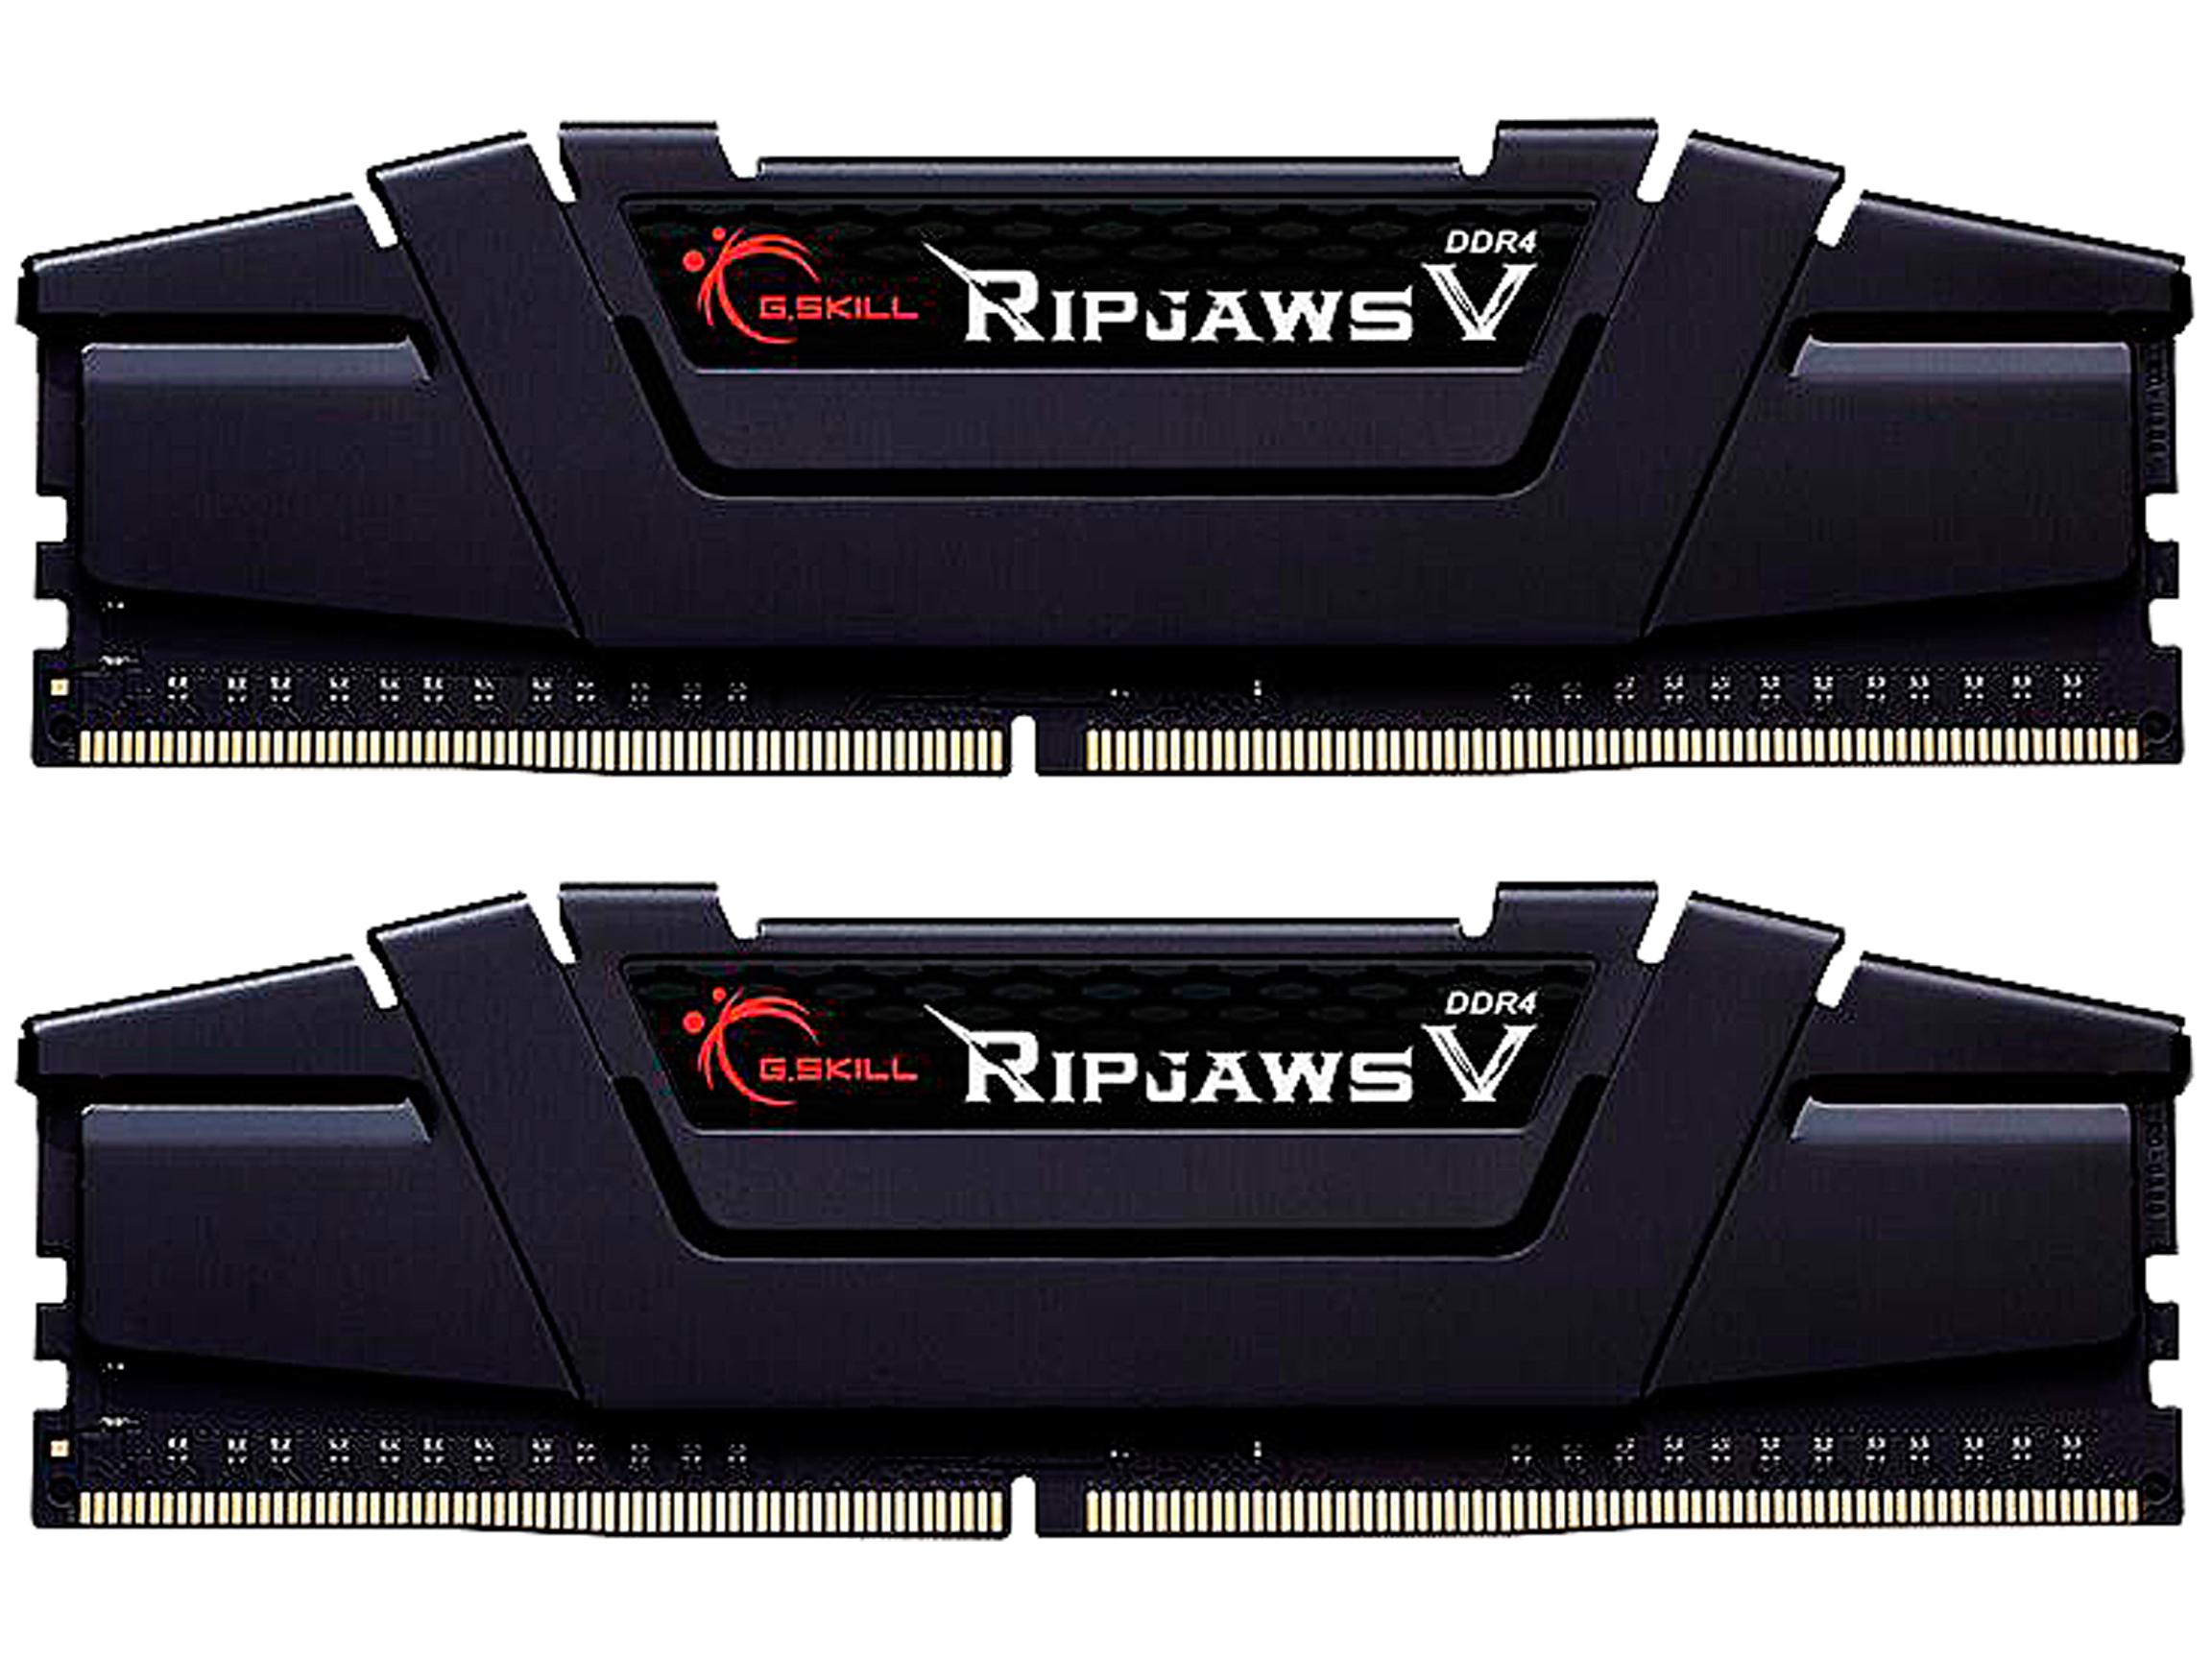 G.SKILL Ripjaws V Series 16GB (2 x 8GB) 288-Pin DDR4 SDRAM 3600 DDR4 F4-3600C16D-16GVKC